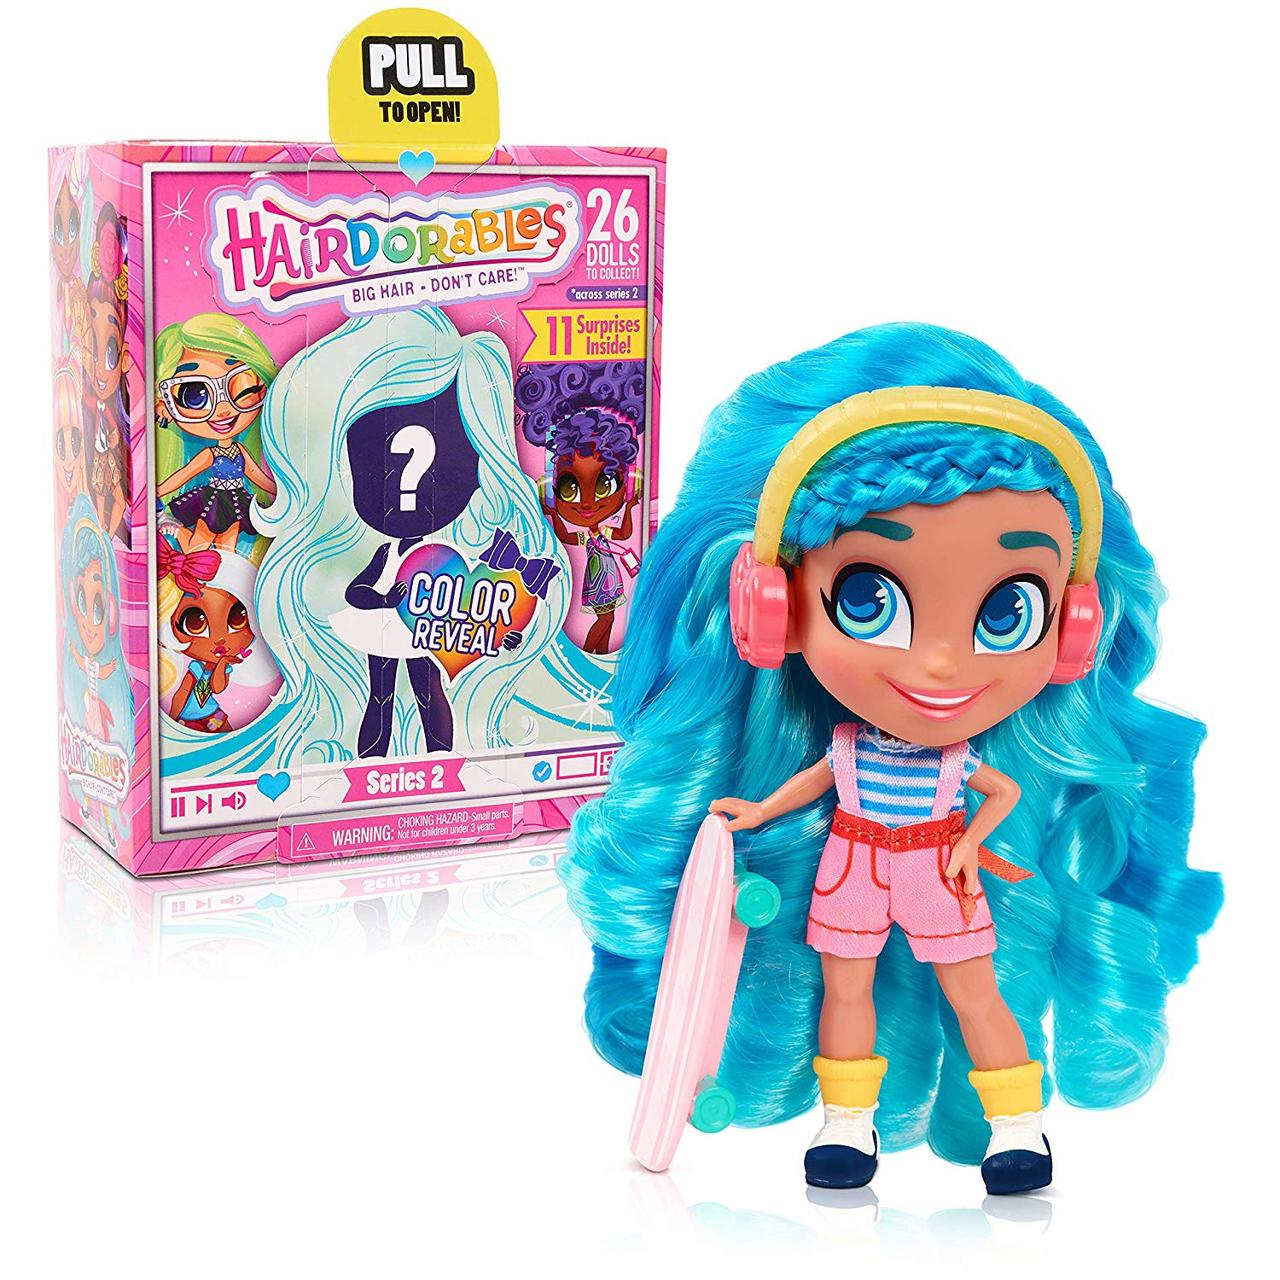 НОВИНКА 2019 год Кукла роскошные волосы, хеадораблс СЕРИЯ 2, Сюрприз, Hairdorables, Just Play из США